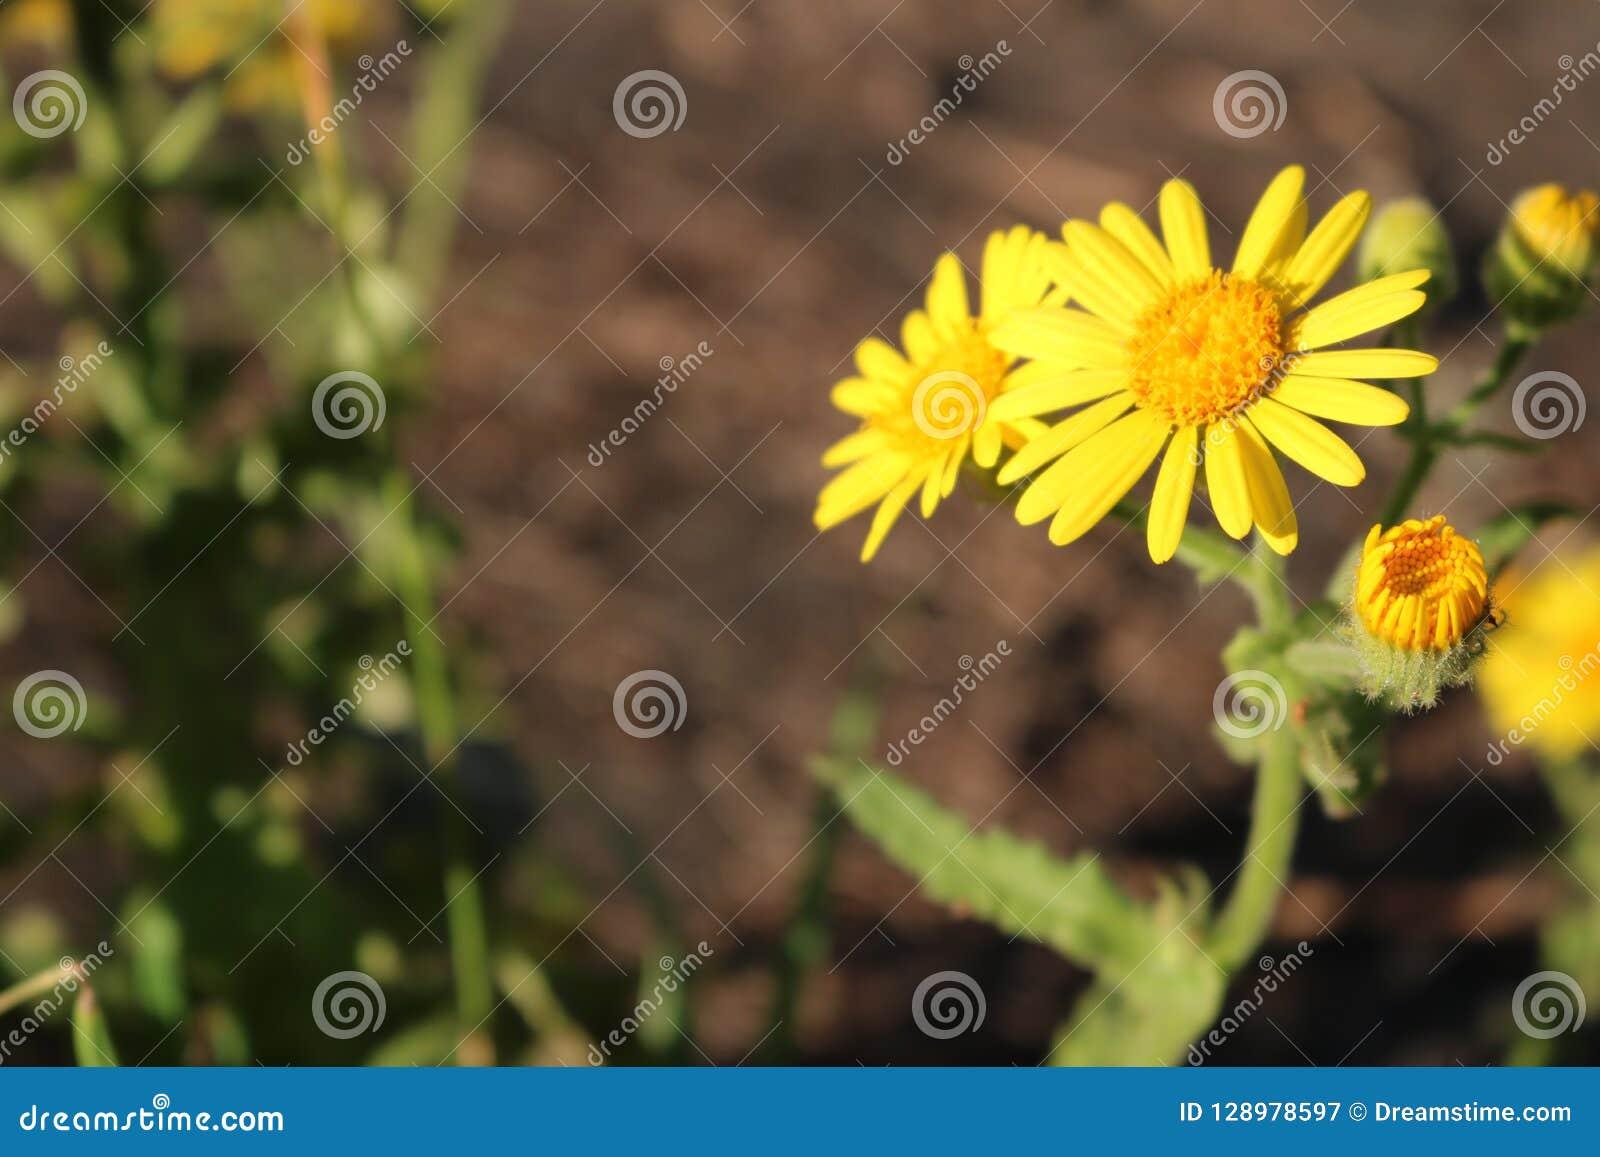 Fleur jaune avec des boutons au début de l ouverture